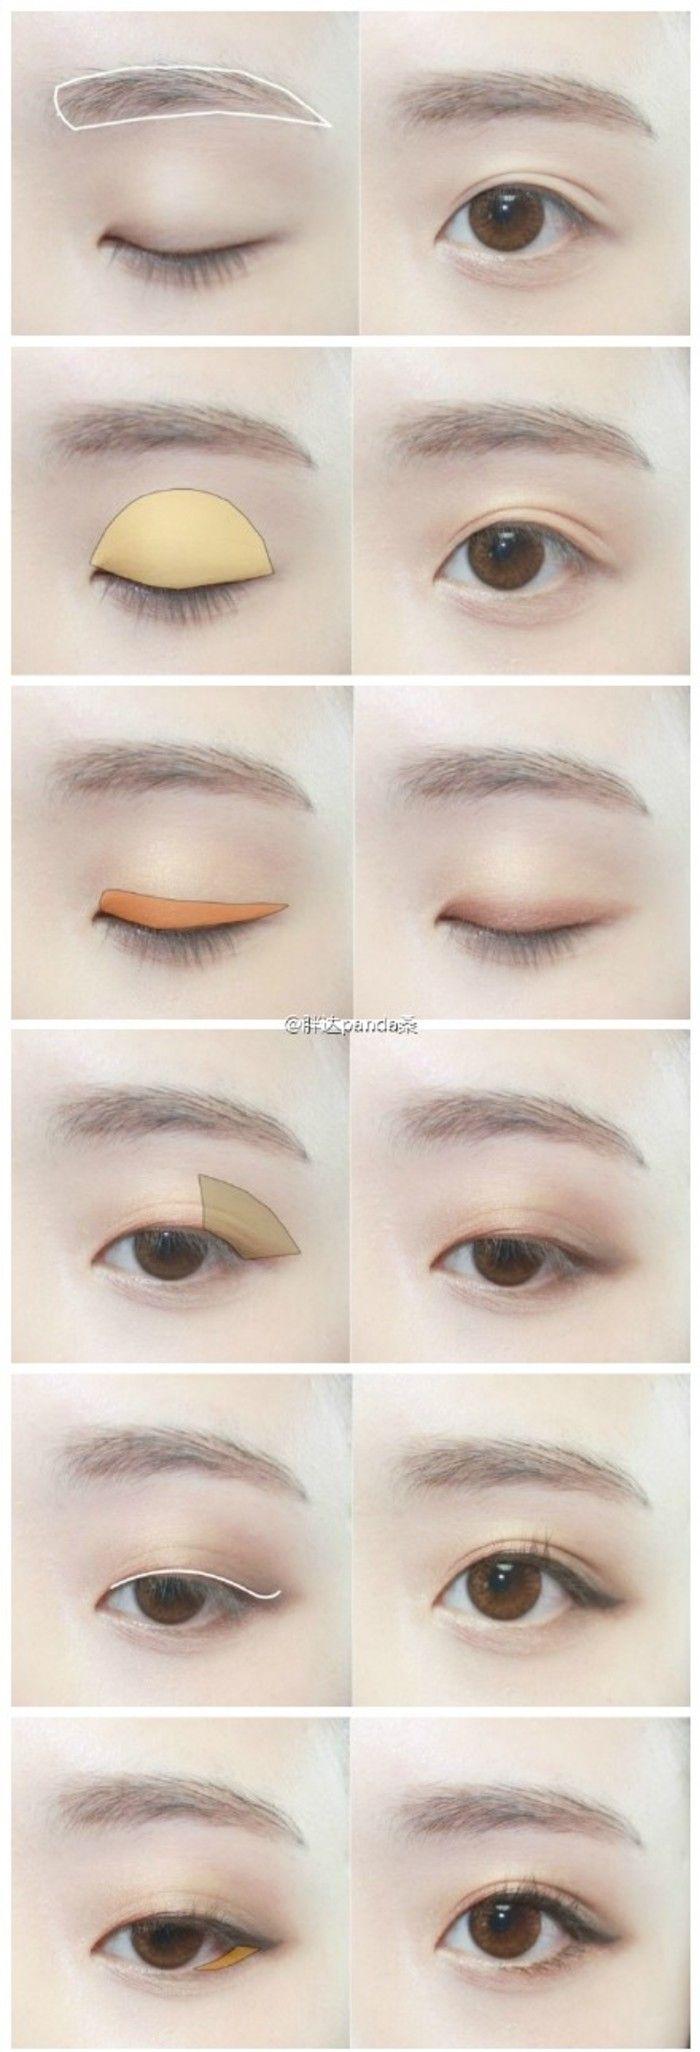 about Korean Natural Makeup on Pinterest | Korean Makeup, Natural ...